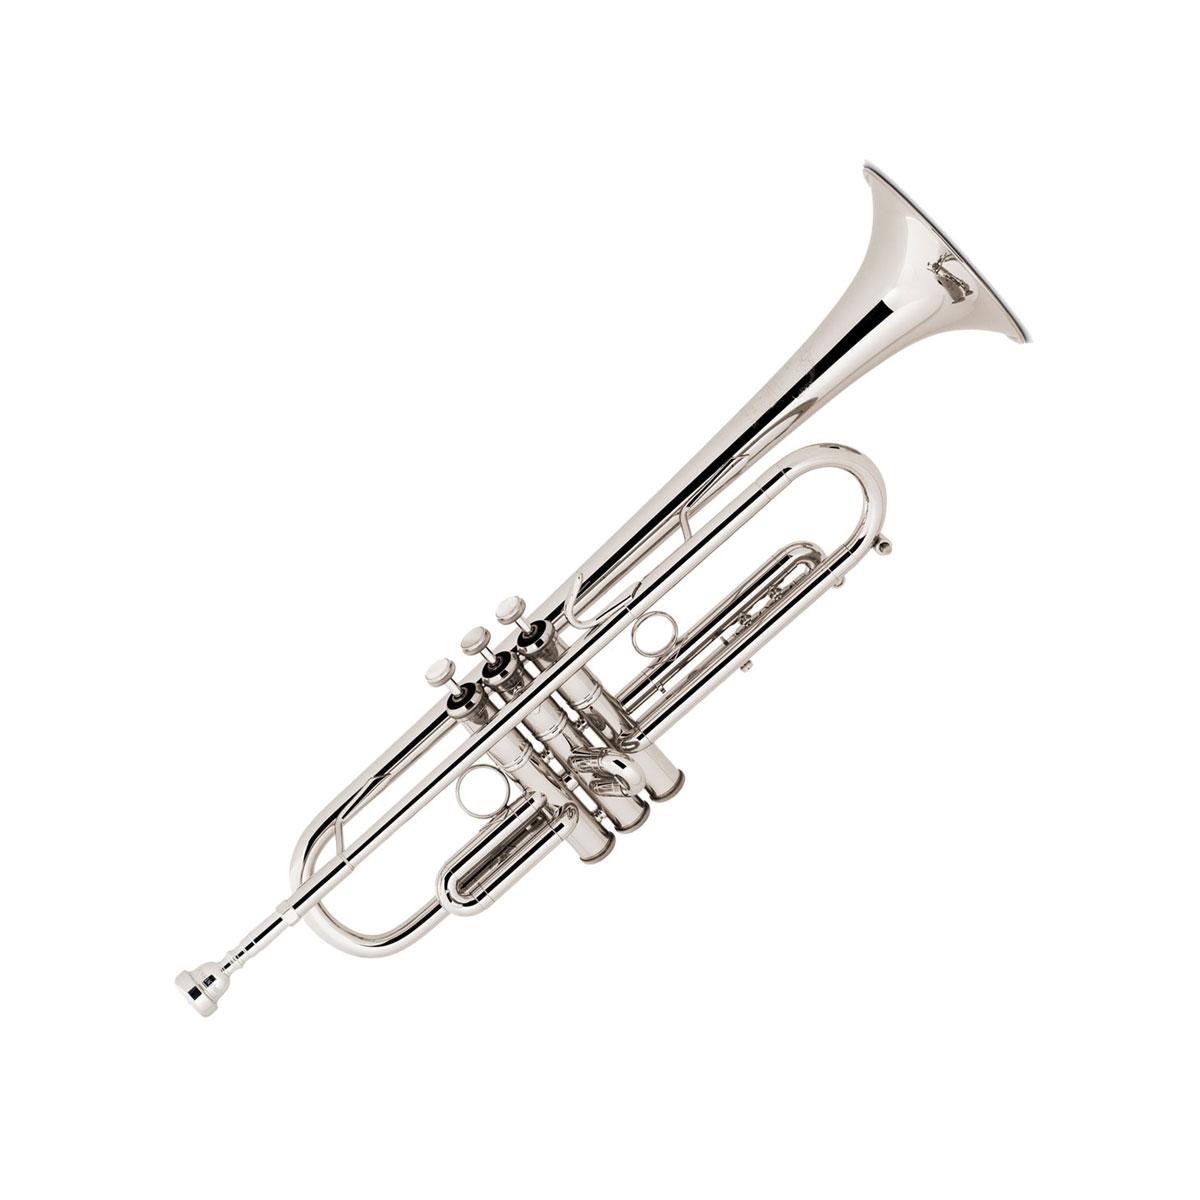 Bach / COMMERCIAL バック LT190S1B SP コマーシャル シルバーメッキ仕上げ B♭トランペット【お取り寄せ】【5年保証】